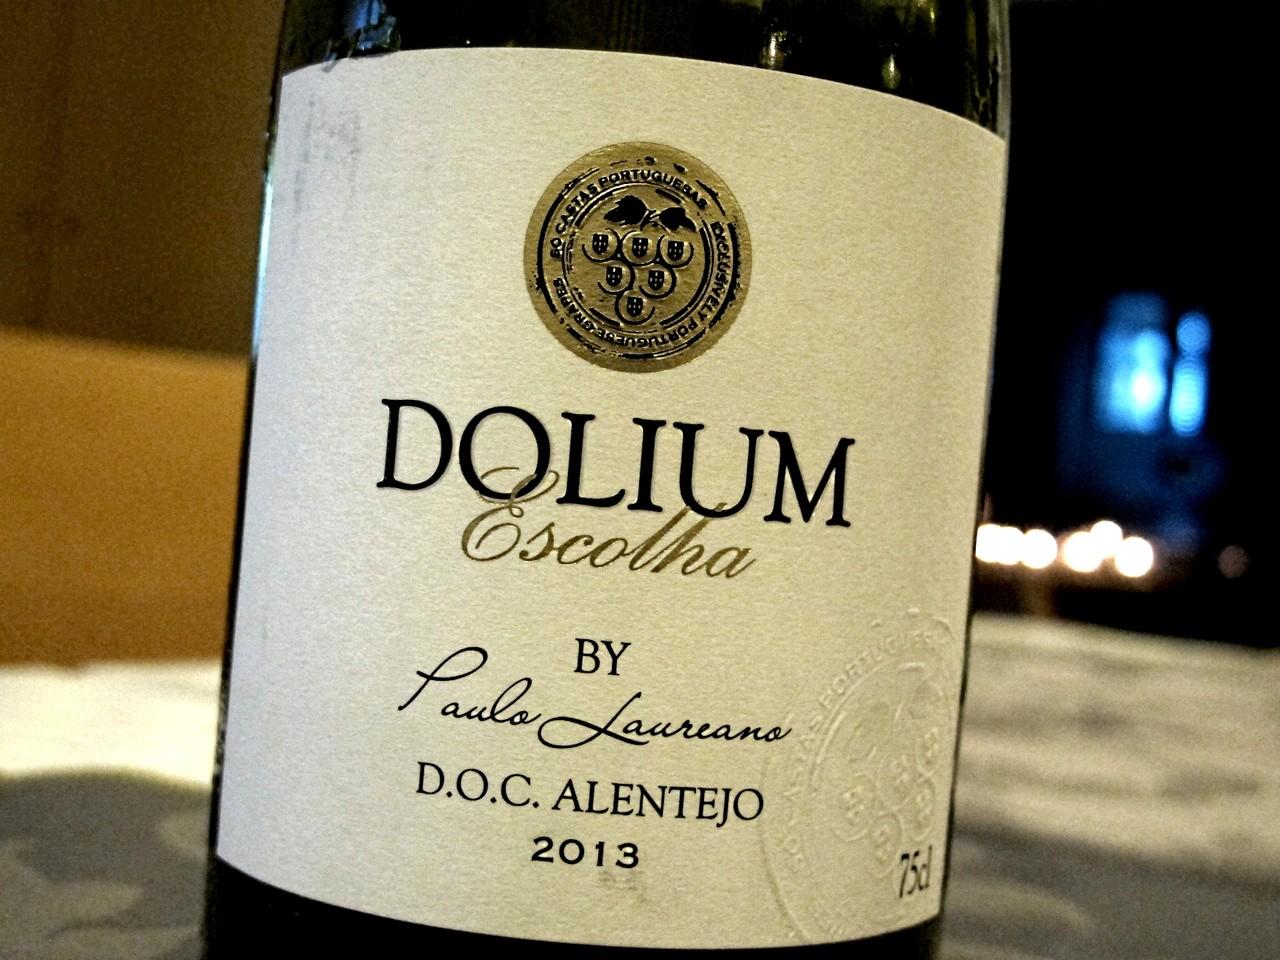 Dolium Escolha